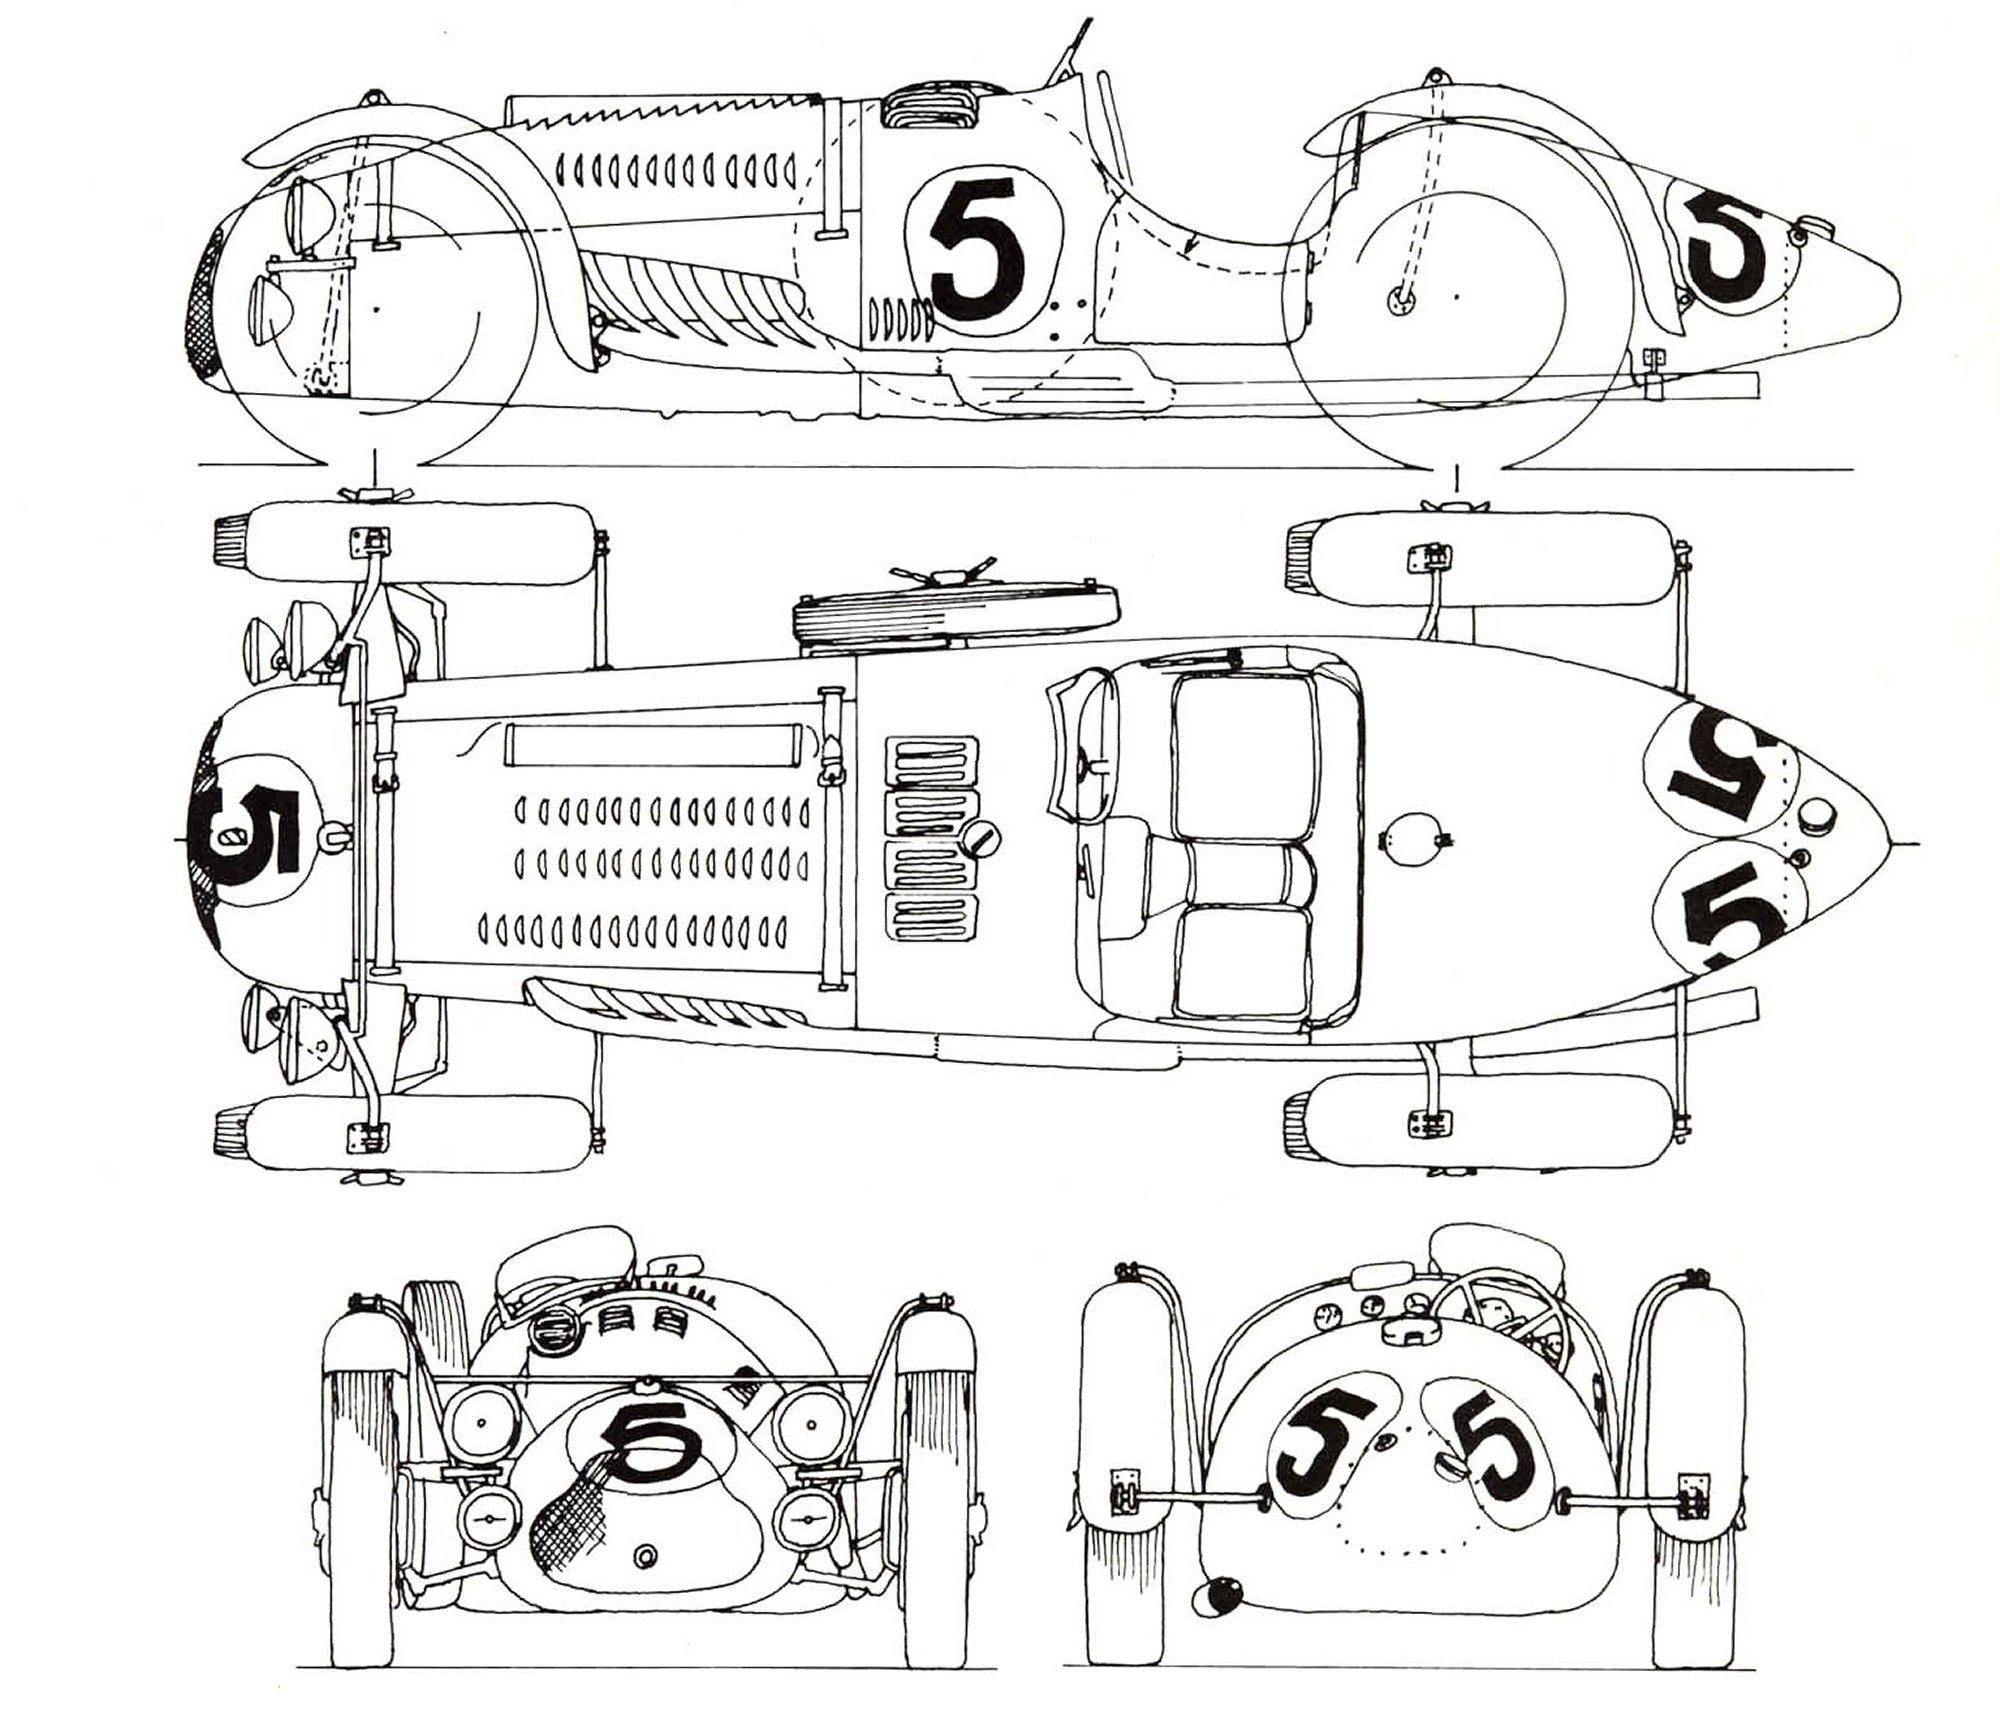 1989 suzuki lt f250 wiring diagram suzuki lt125 wiring